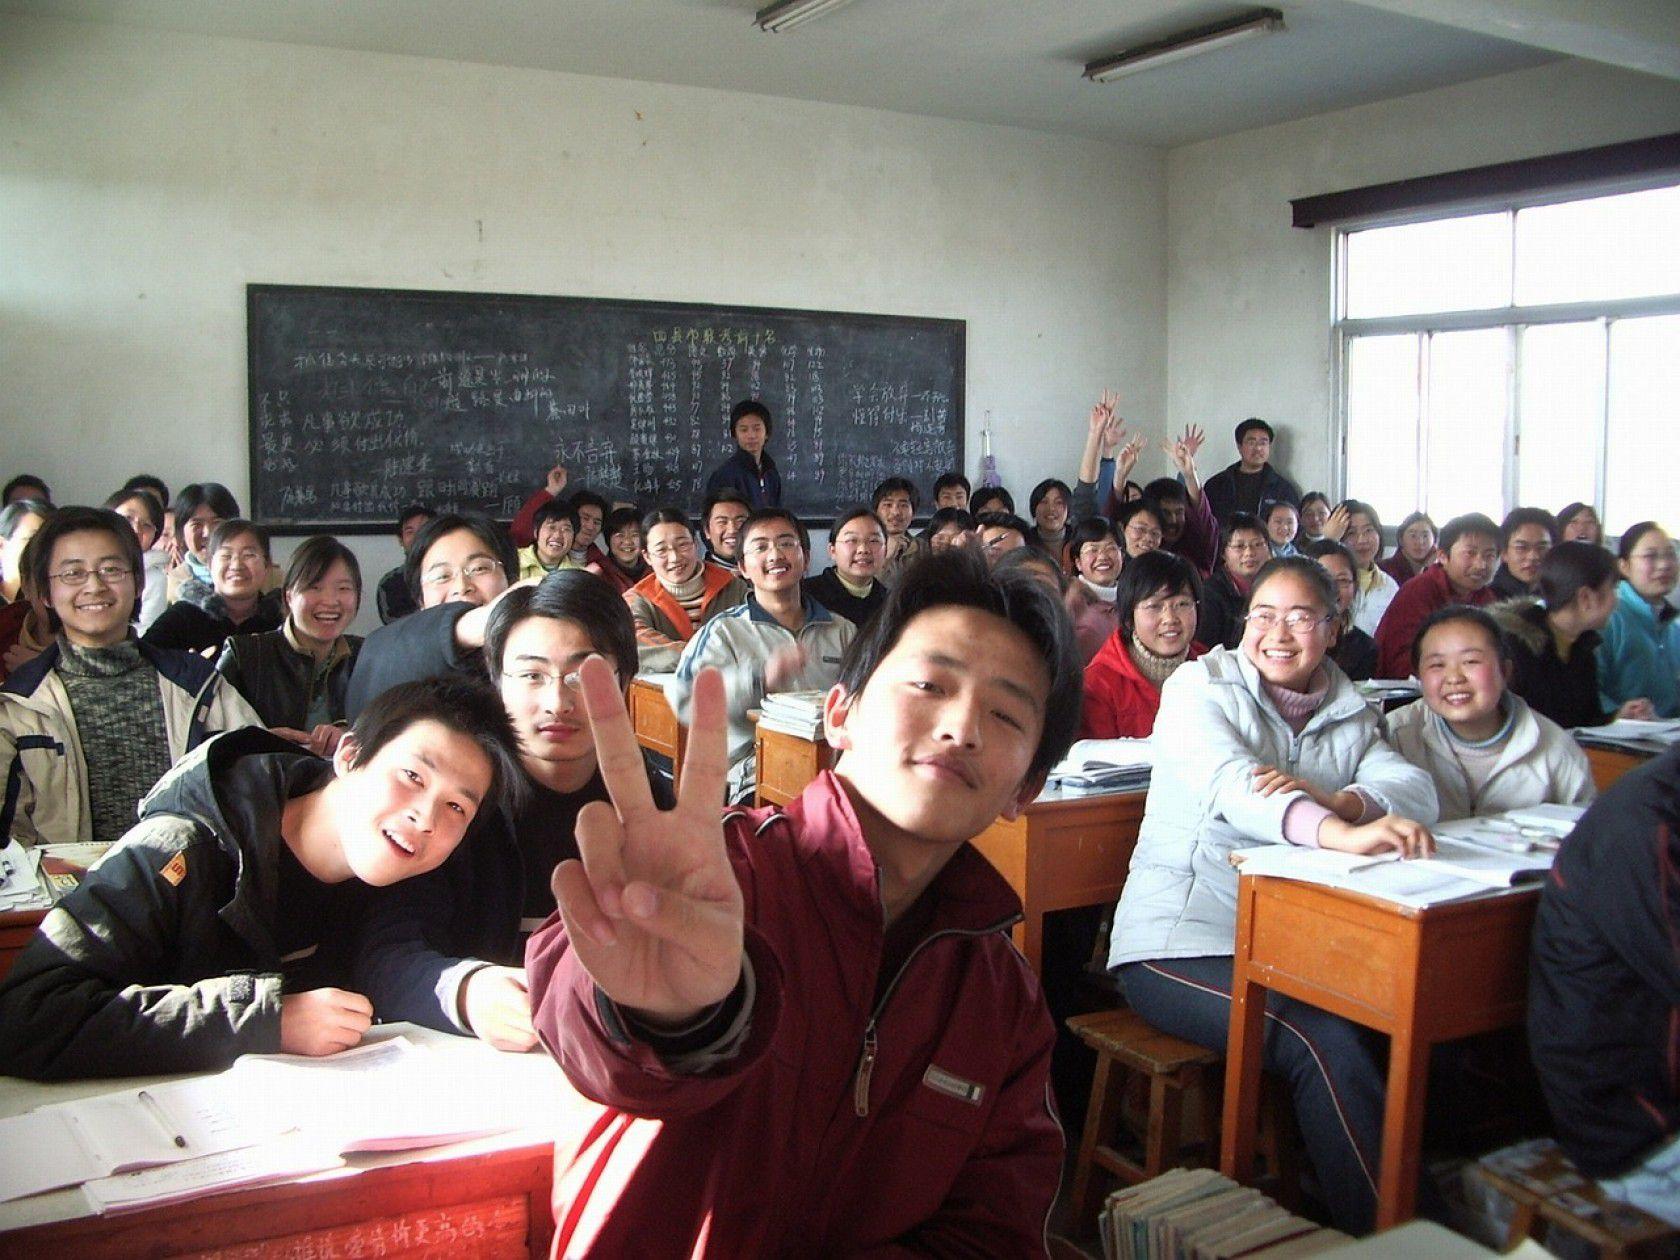 İtalya'da kolej eğitimi almak isteyenleri bekleyen süreçler